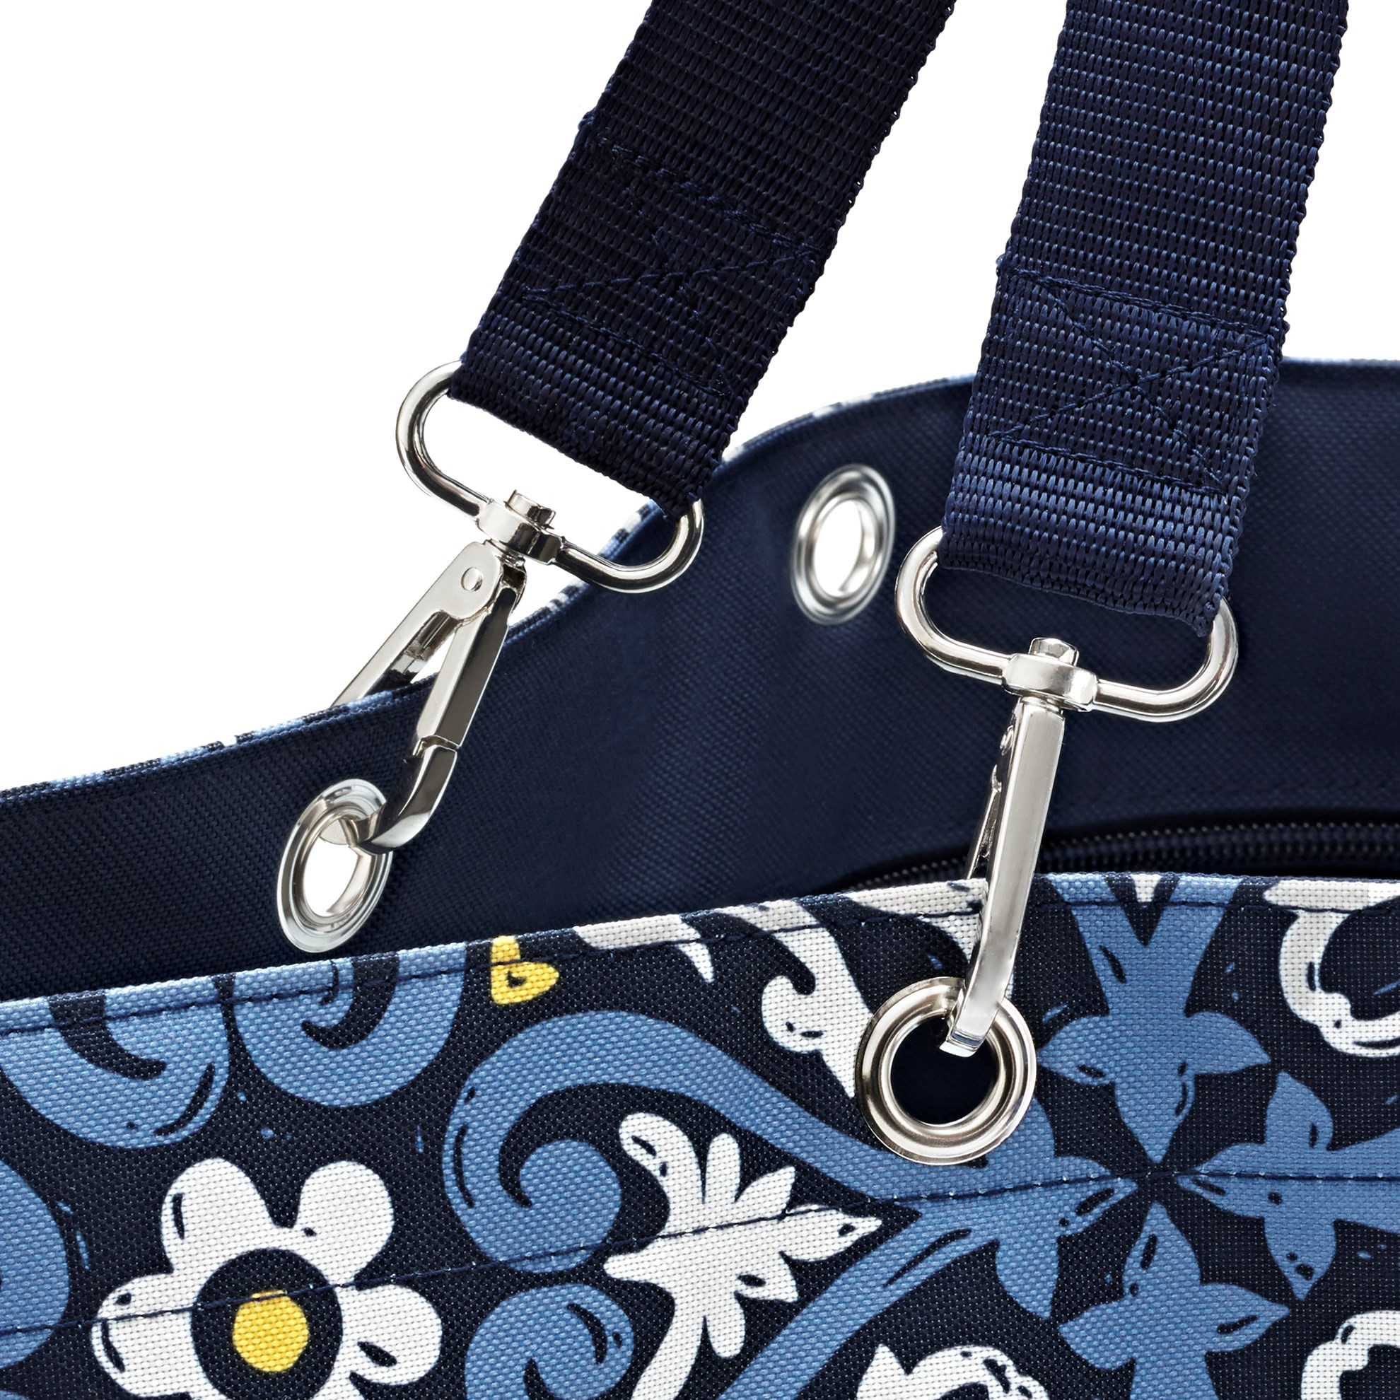 Nákupní taška Shopper XL floral 1_0